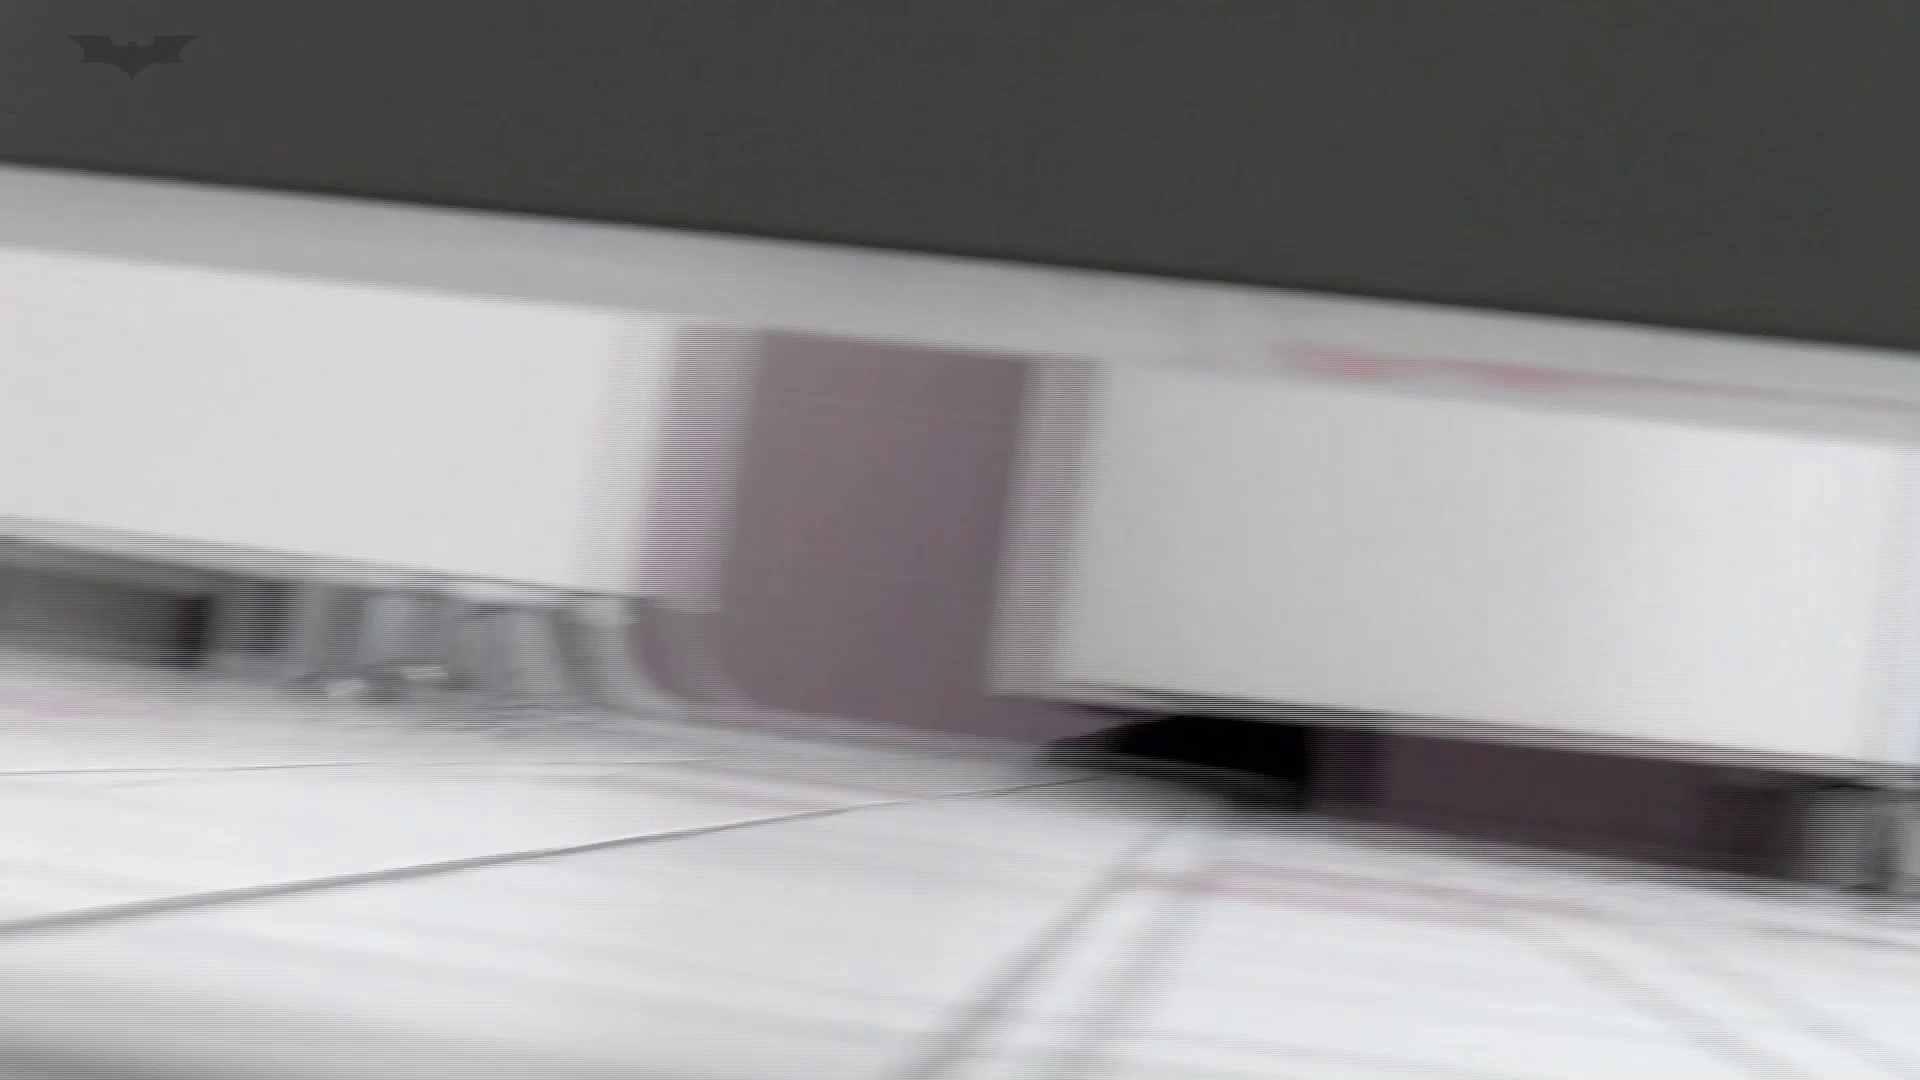 美しい日本の未来 No.22 未来進歩3 感動レベル【2015・12位】 エッチなモデル  102枚 42